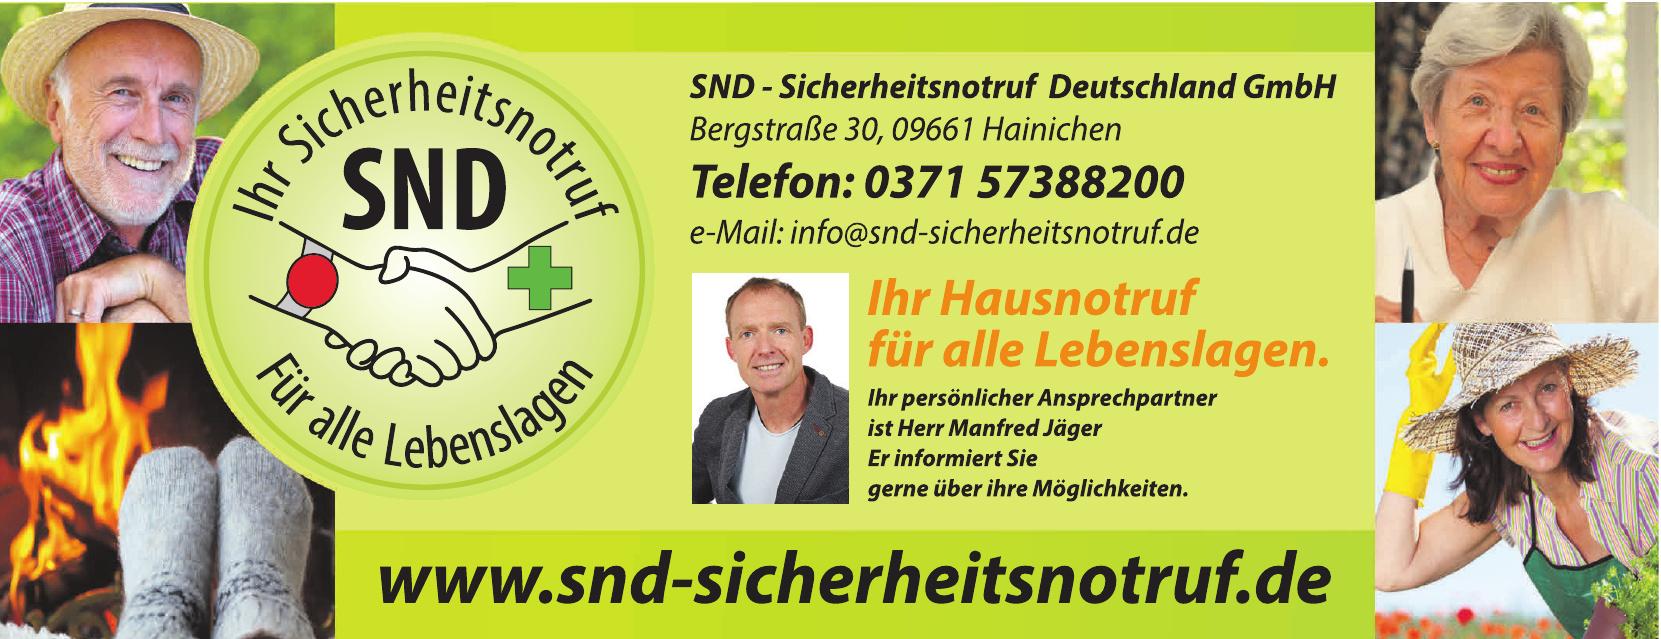 SND - Sicherheitsnotruf Deutschland GmbH